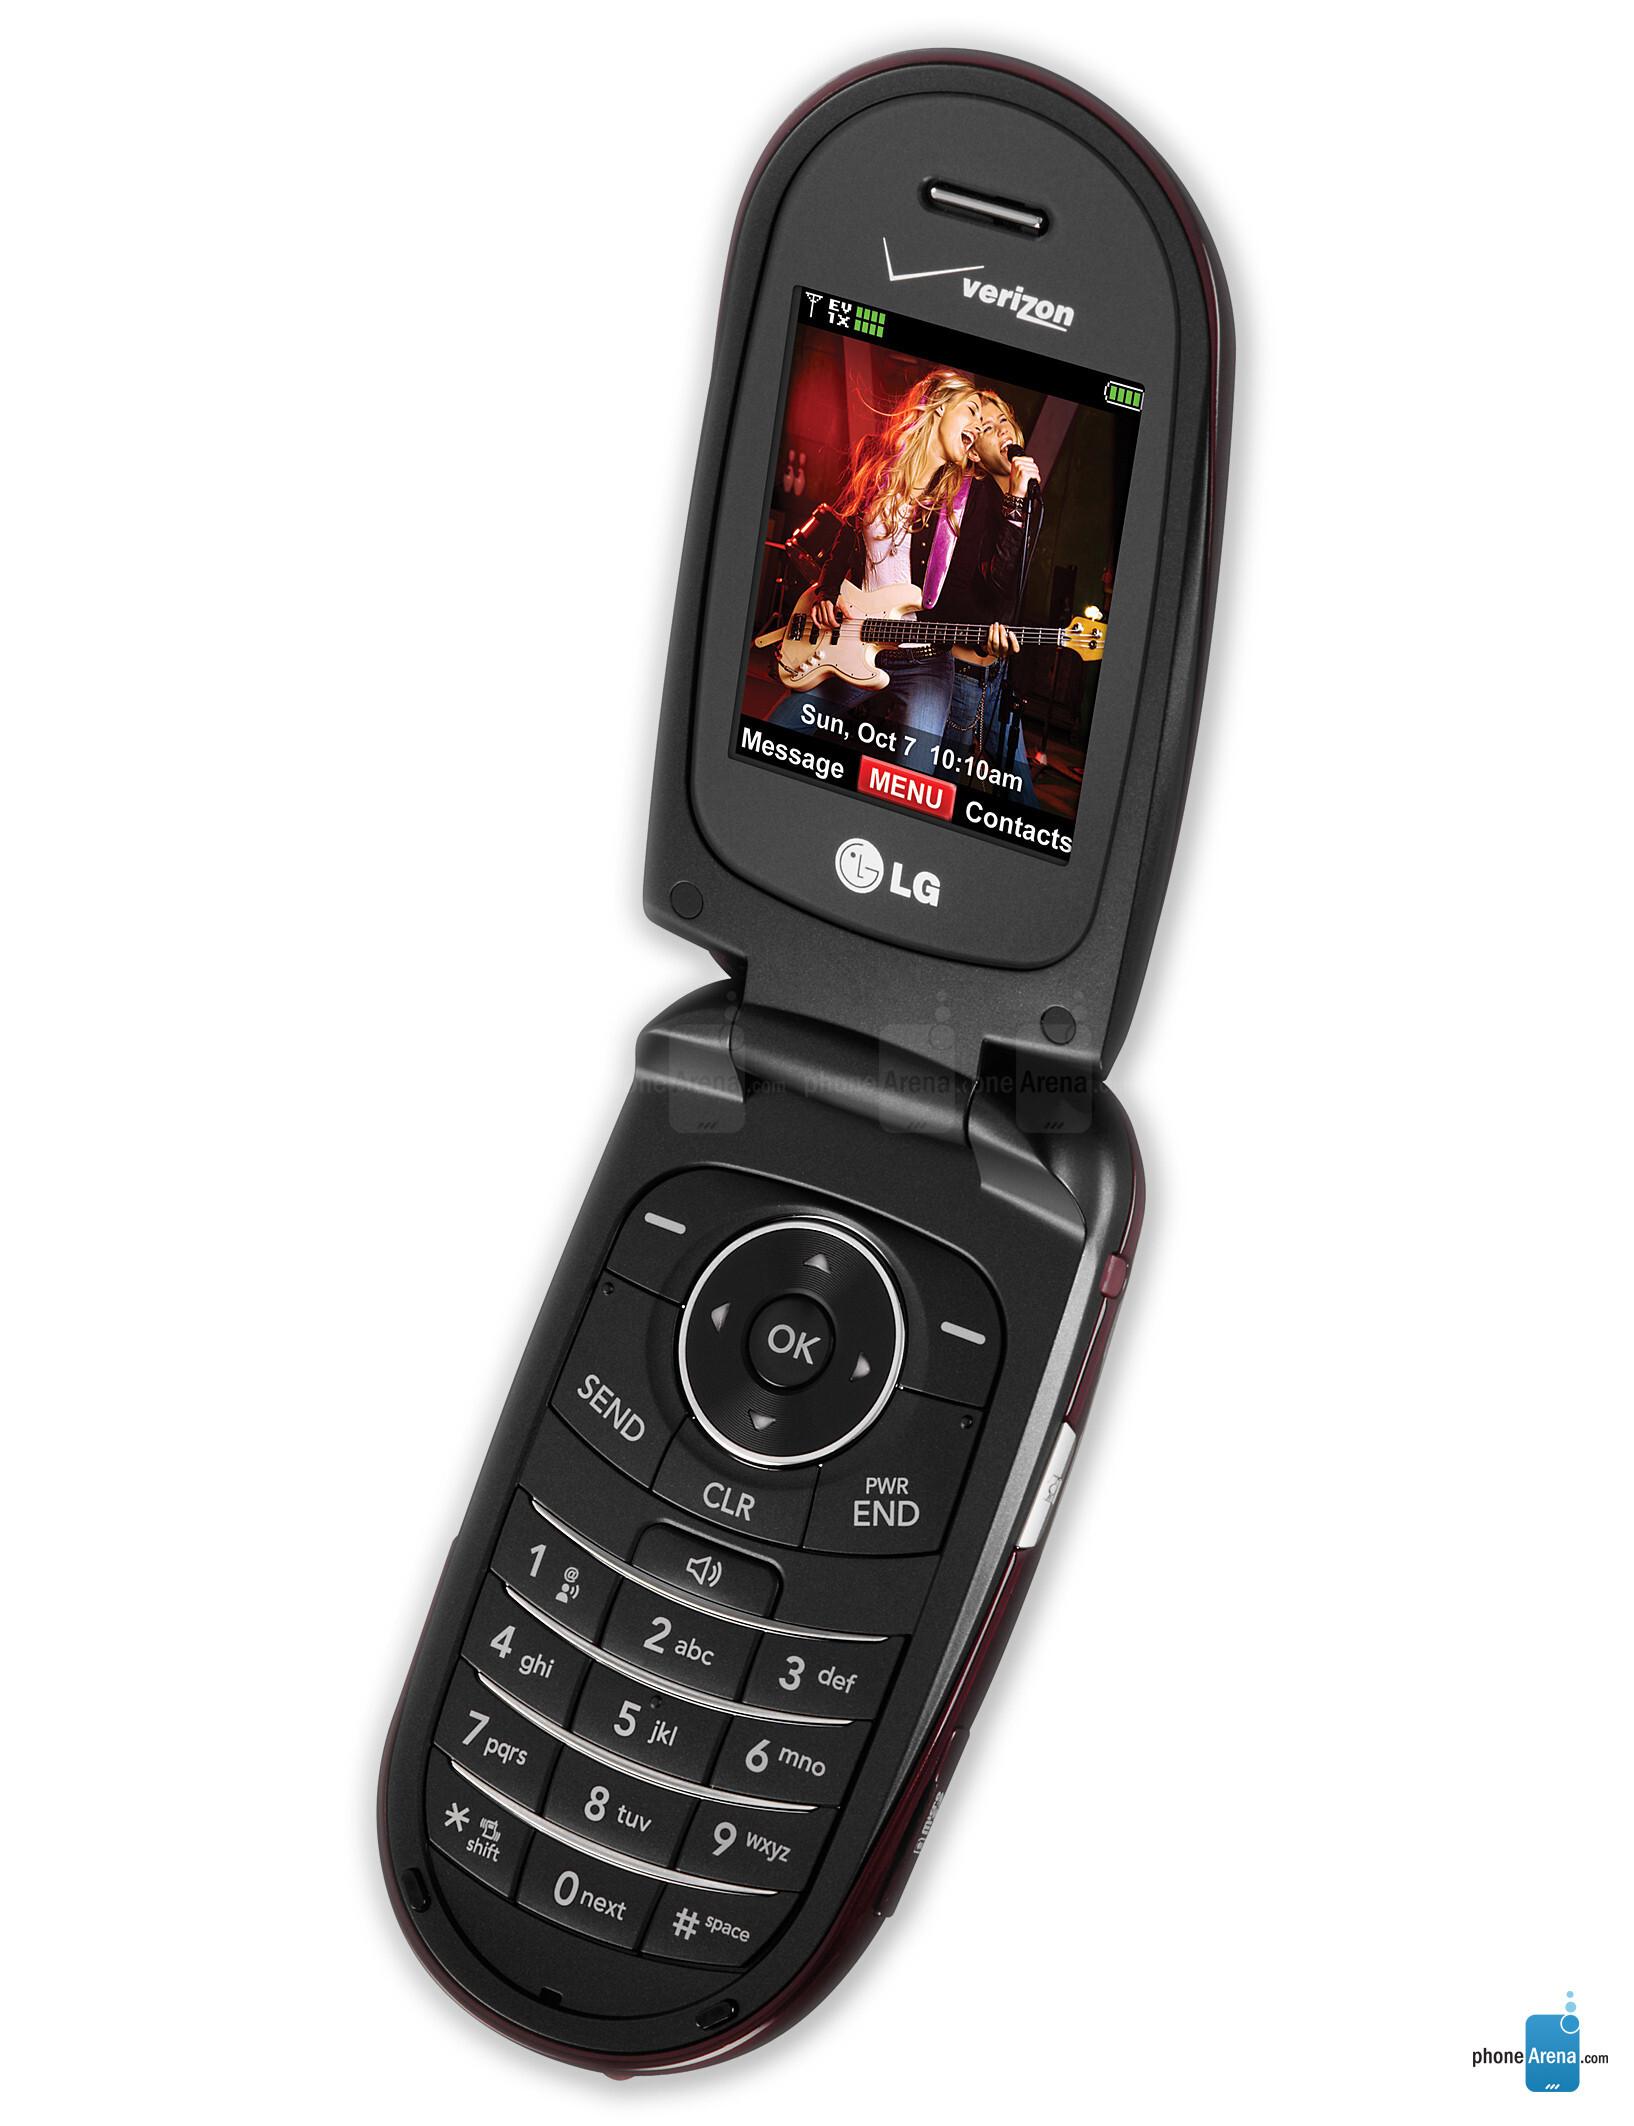 lg vx8350 photos rh phonearena com Small LG Smartphones Small LG Smartphones